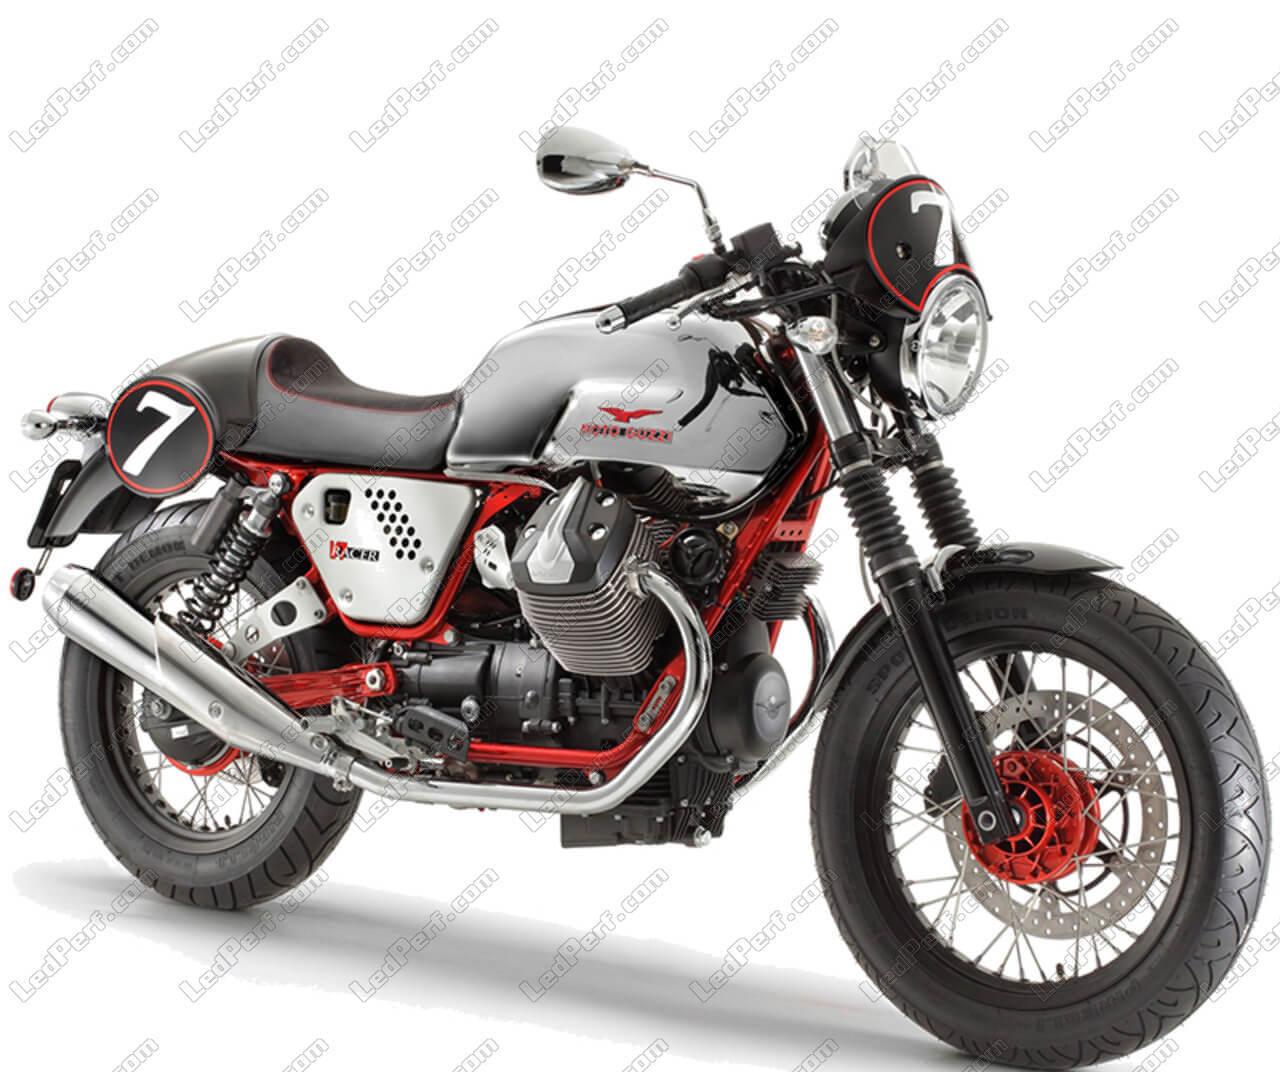 pack clignotants arri re led pour moto guzzi v7 racer 750. Black Bedroom Furniture Sets. Home Design Ideas